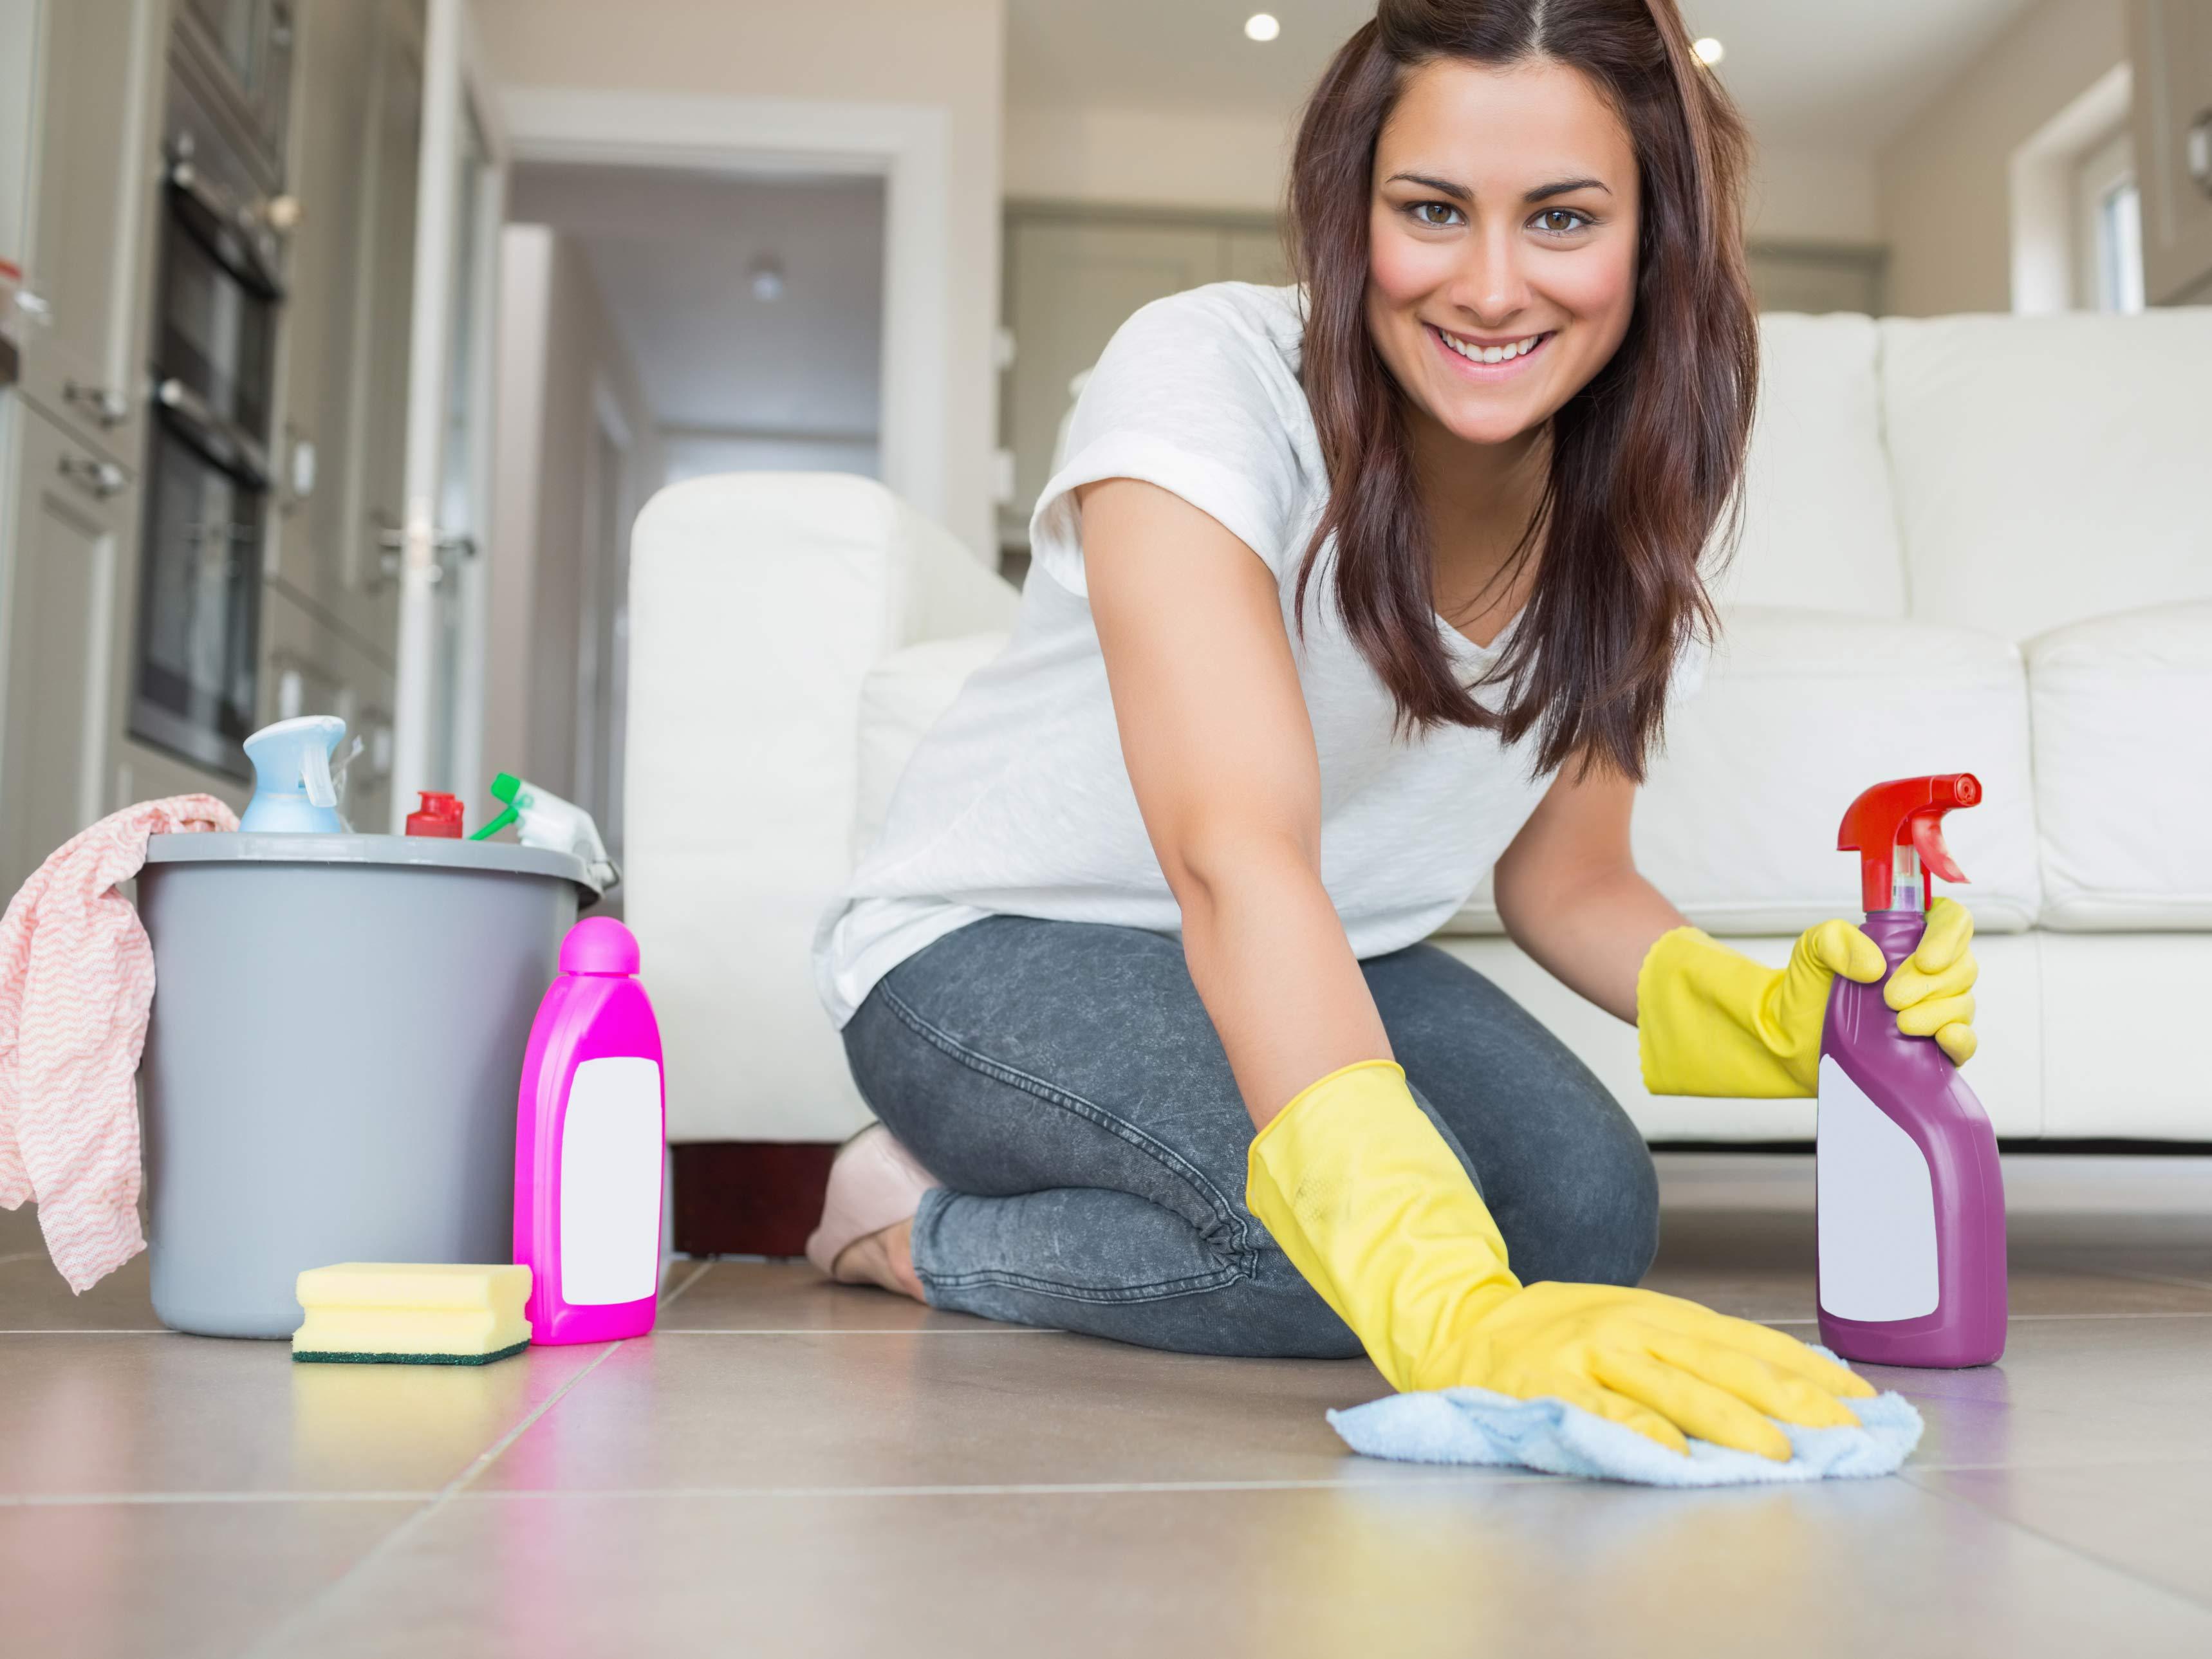 Як зробити прибирання за декілька хвилин до приходу гостей